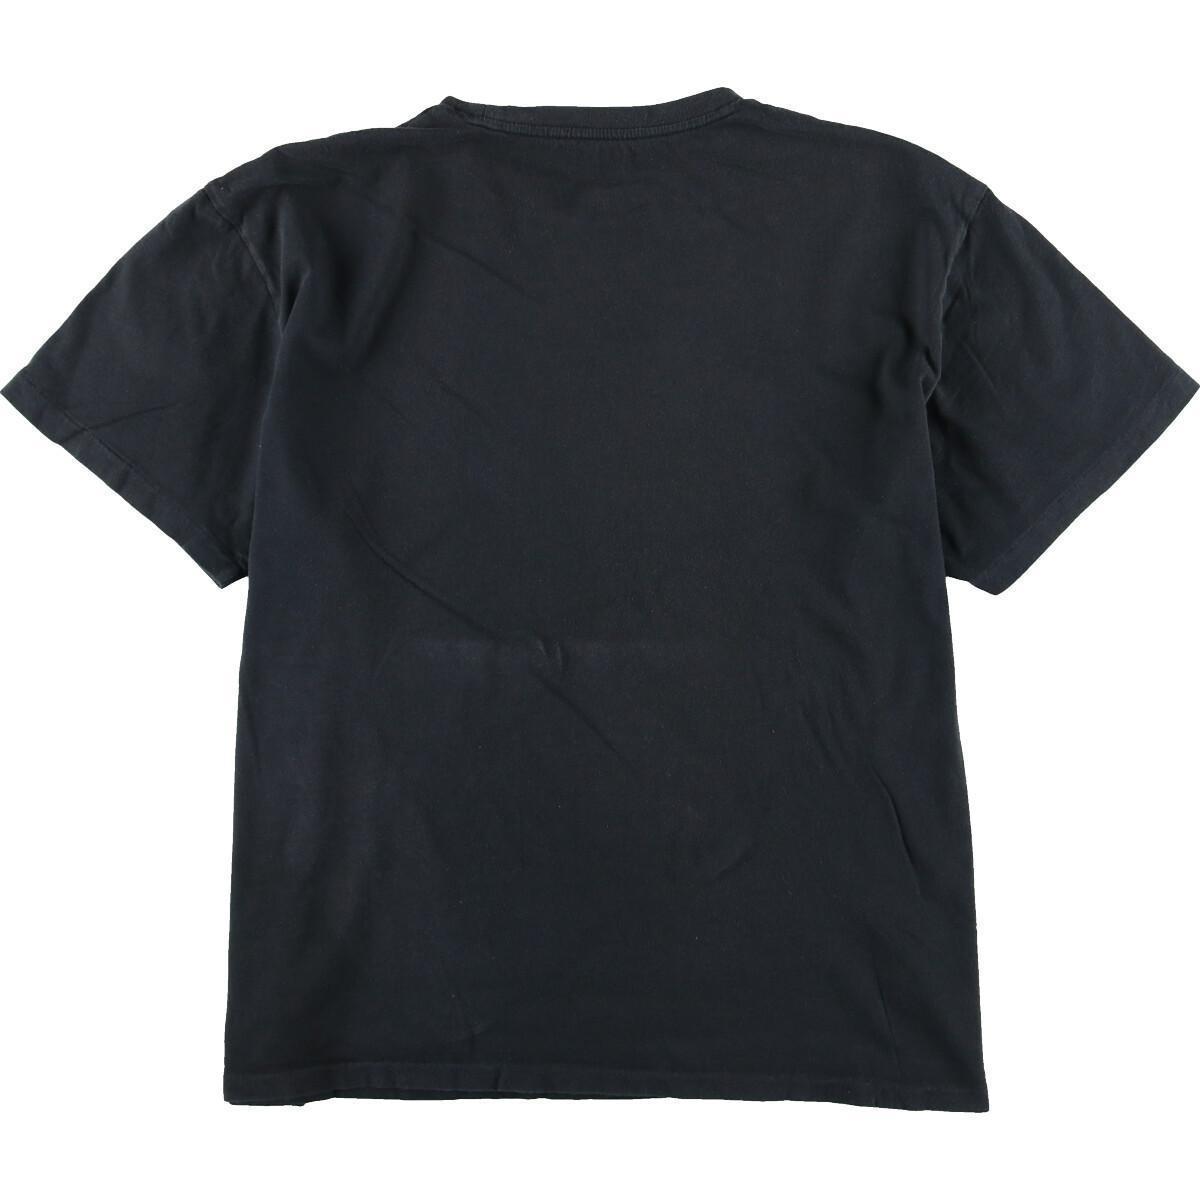 ラルフローレン Ralph Lauren POLO RALPH LAUREN 半袖 ワンポイントロゴTシャツ メンズXL /eaa160182_画像2